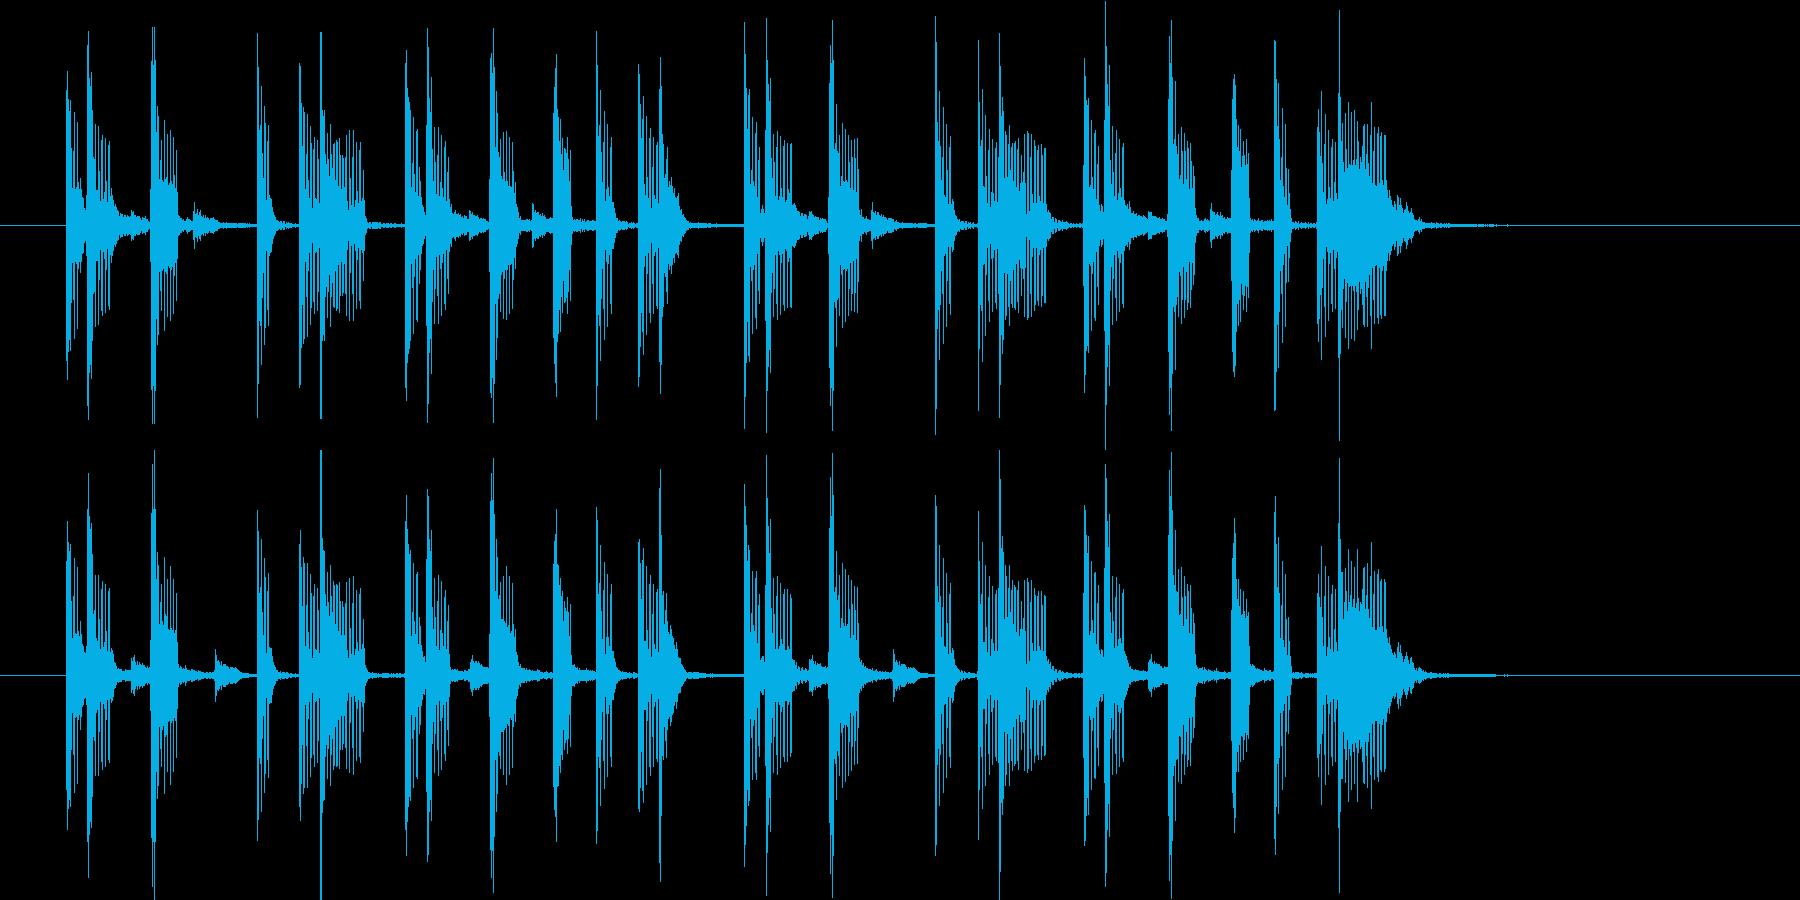 オシャレなR&Bポップスの再生済みの波形